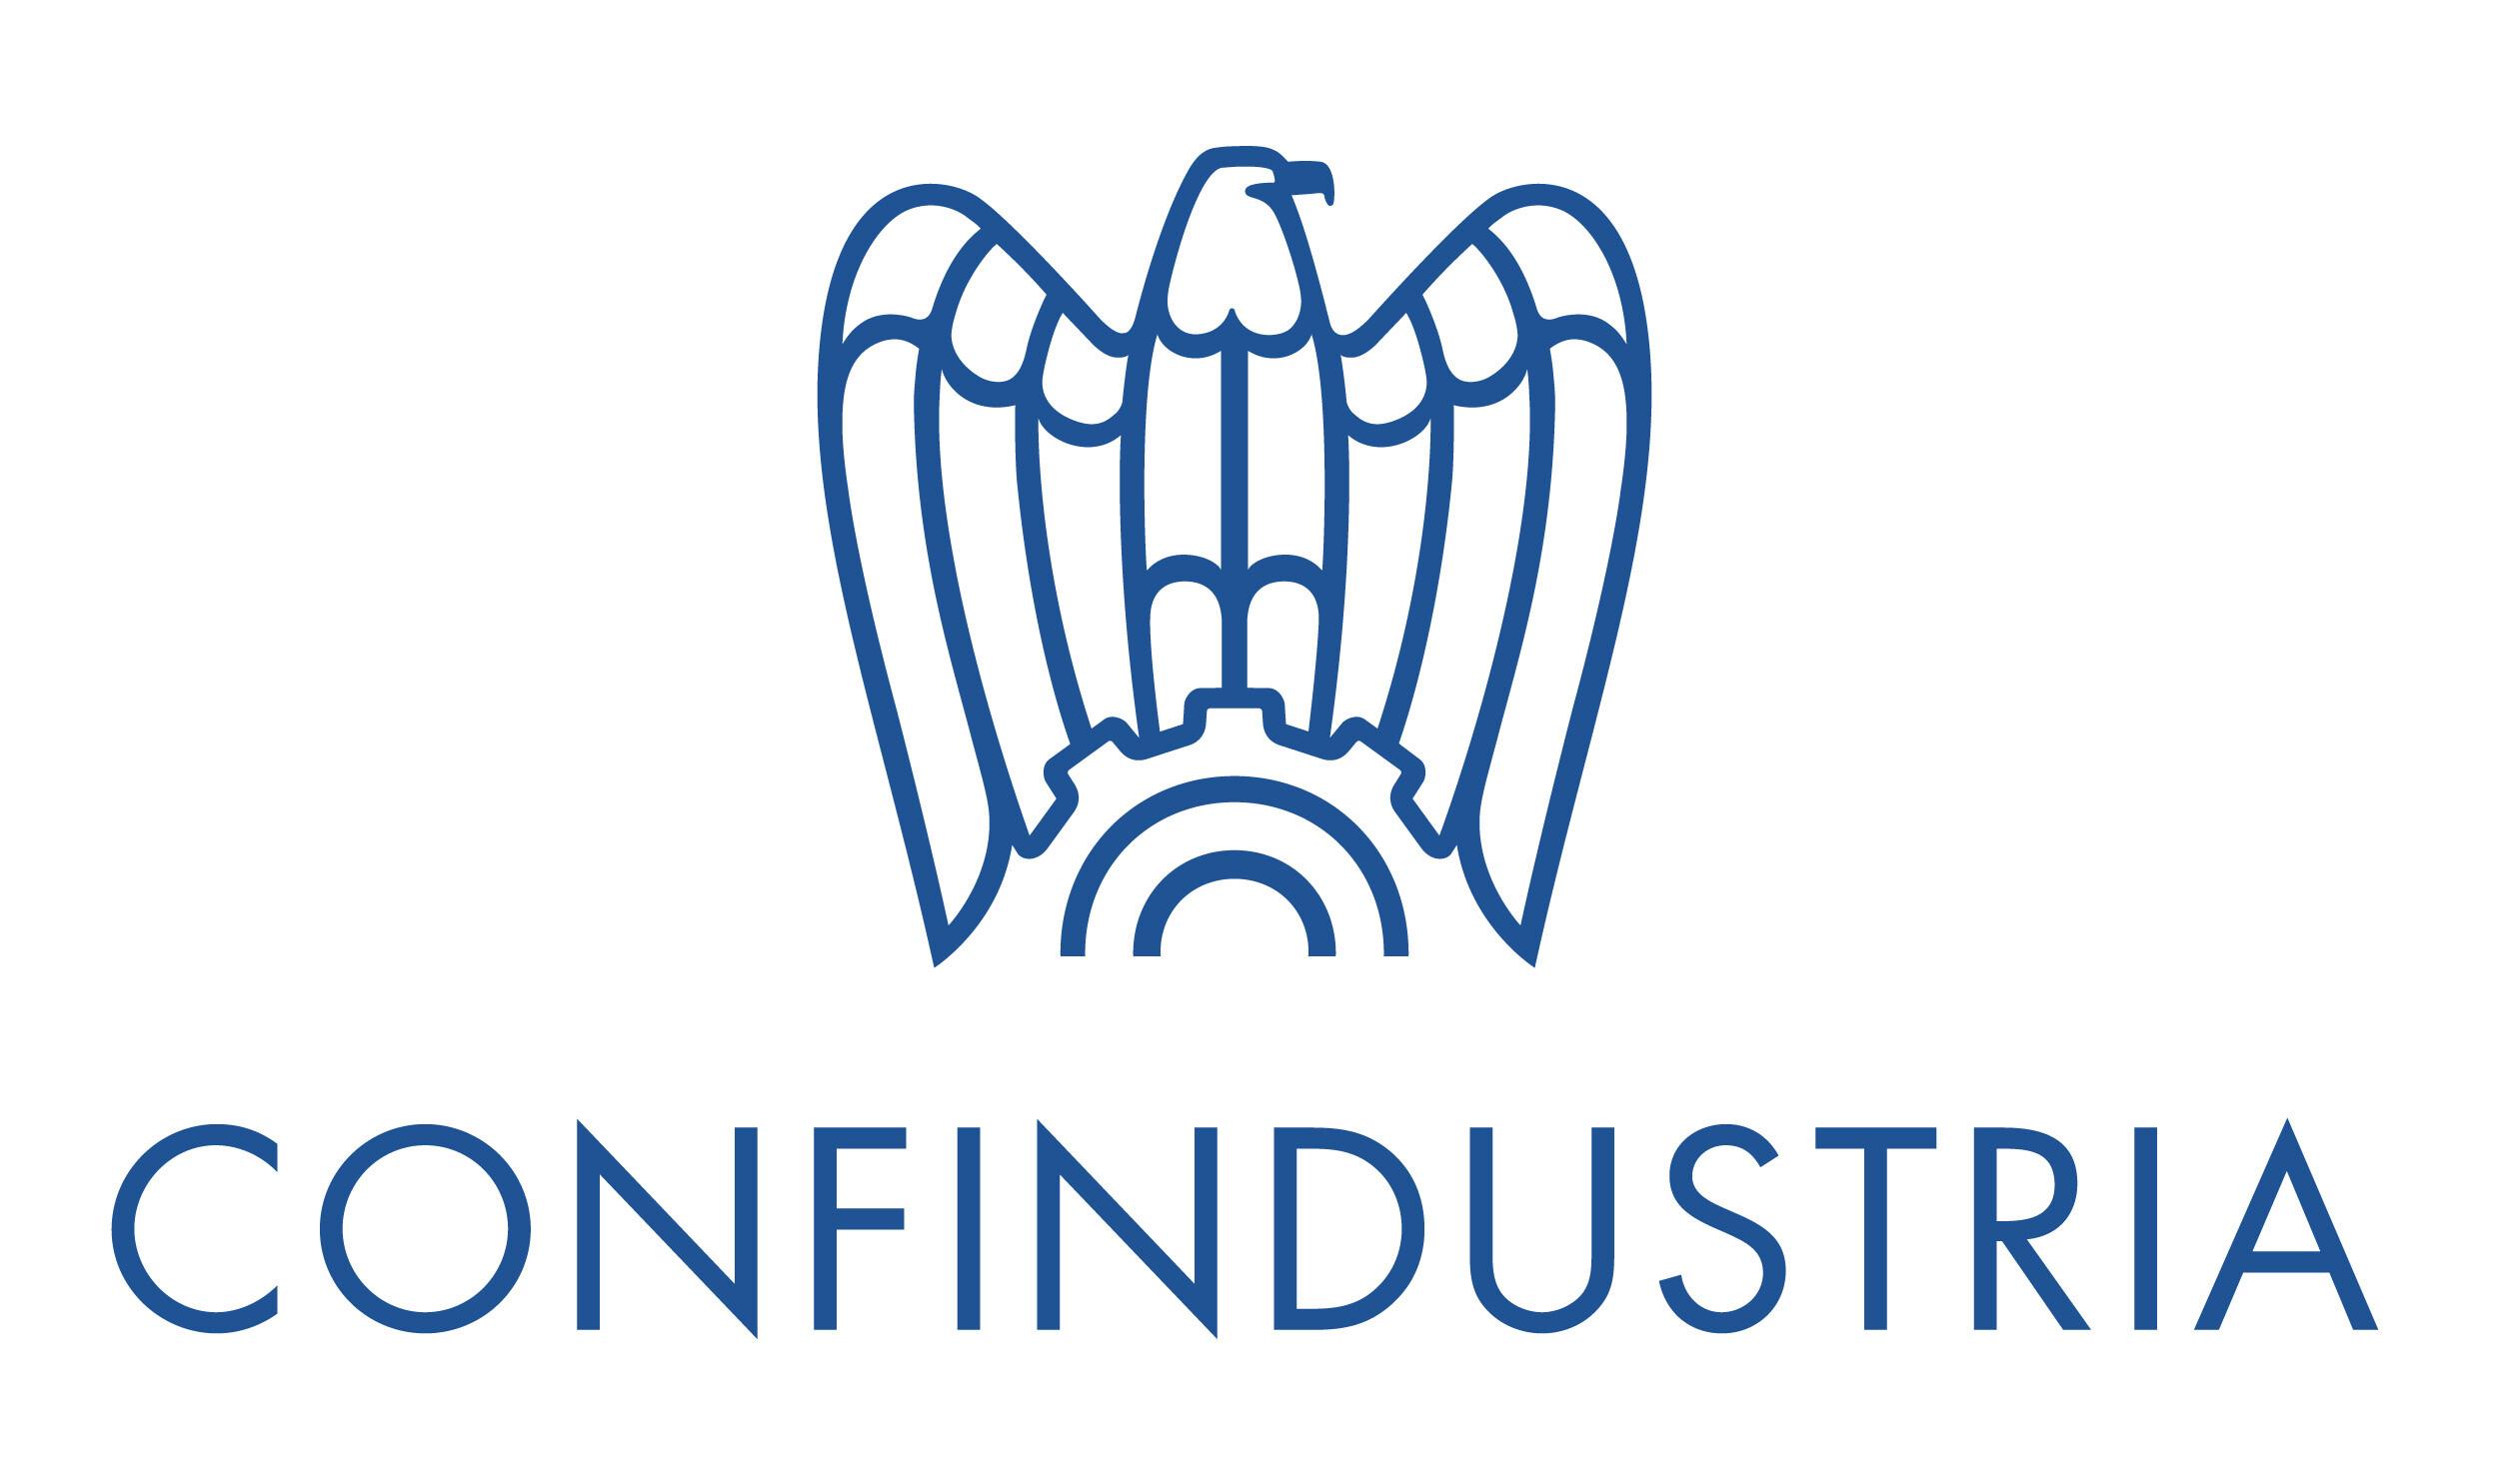 Confindustria stranieri in italia